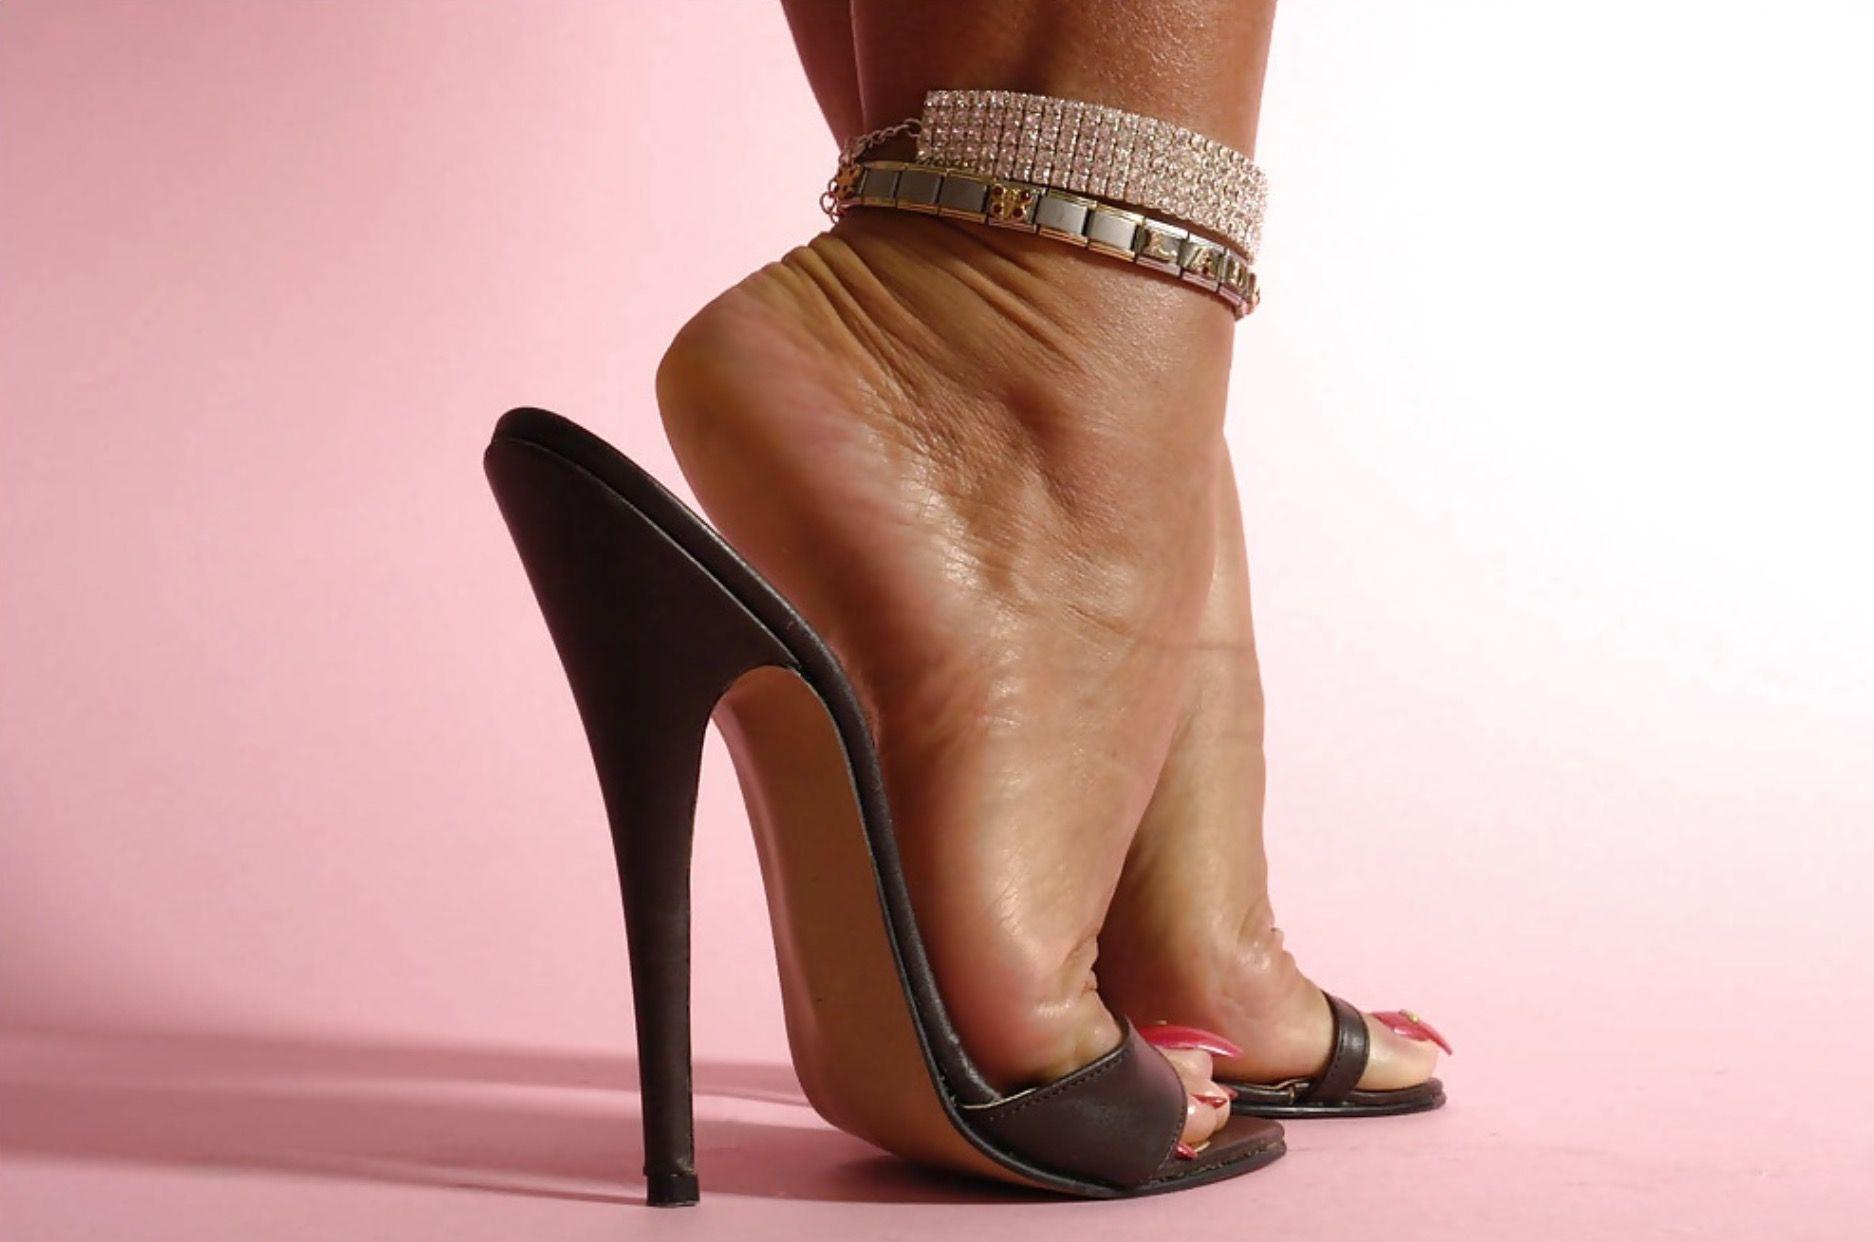 Sexy feet in high heels photos 96